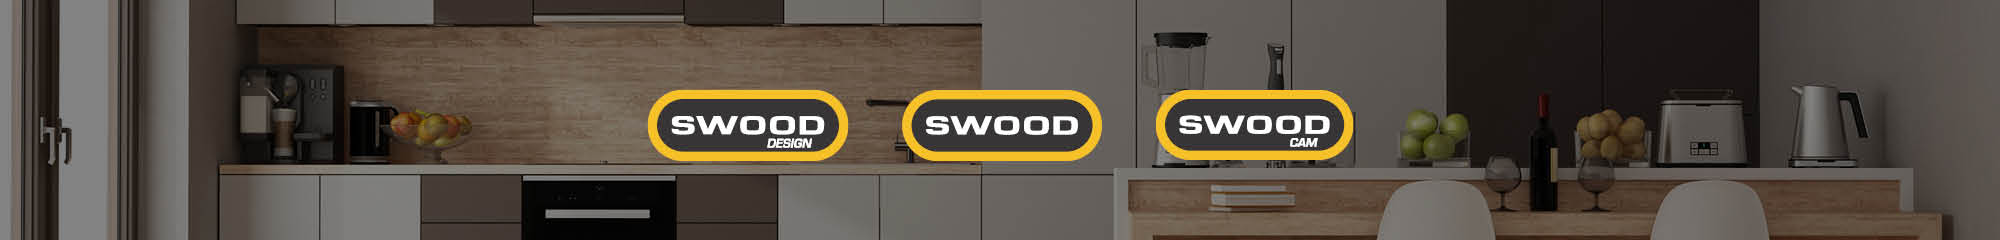 Küche mit SWOOD Logos im Vordergrund